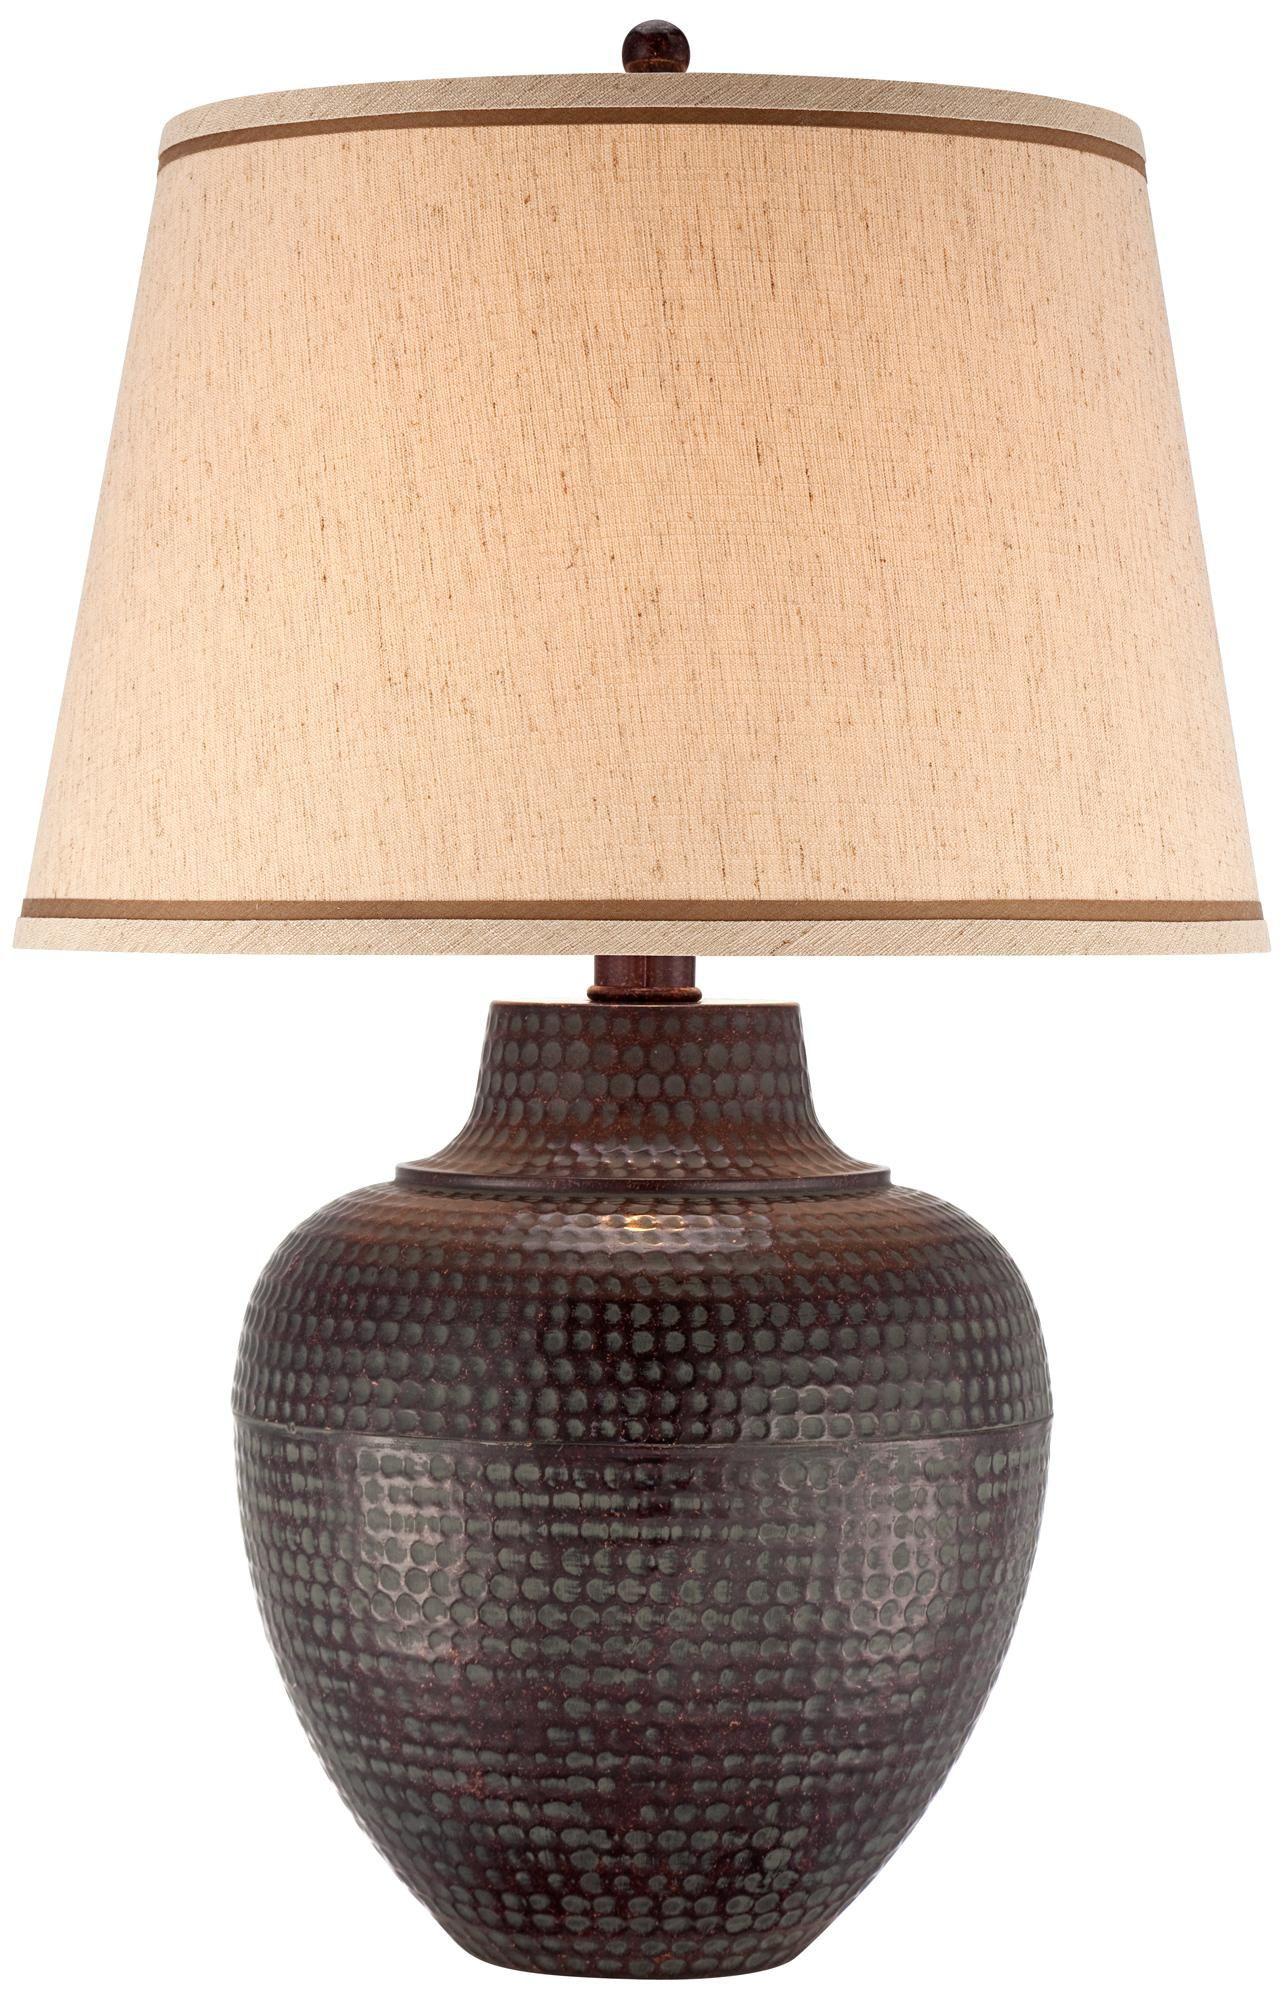 Bronze Hammered Metal Pot Table Lamp T8750 Lamps Plus Lamp Hammered Metal Ceramic Lamp